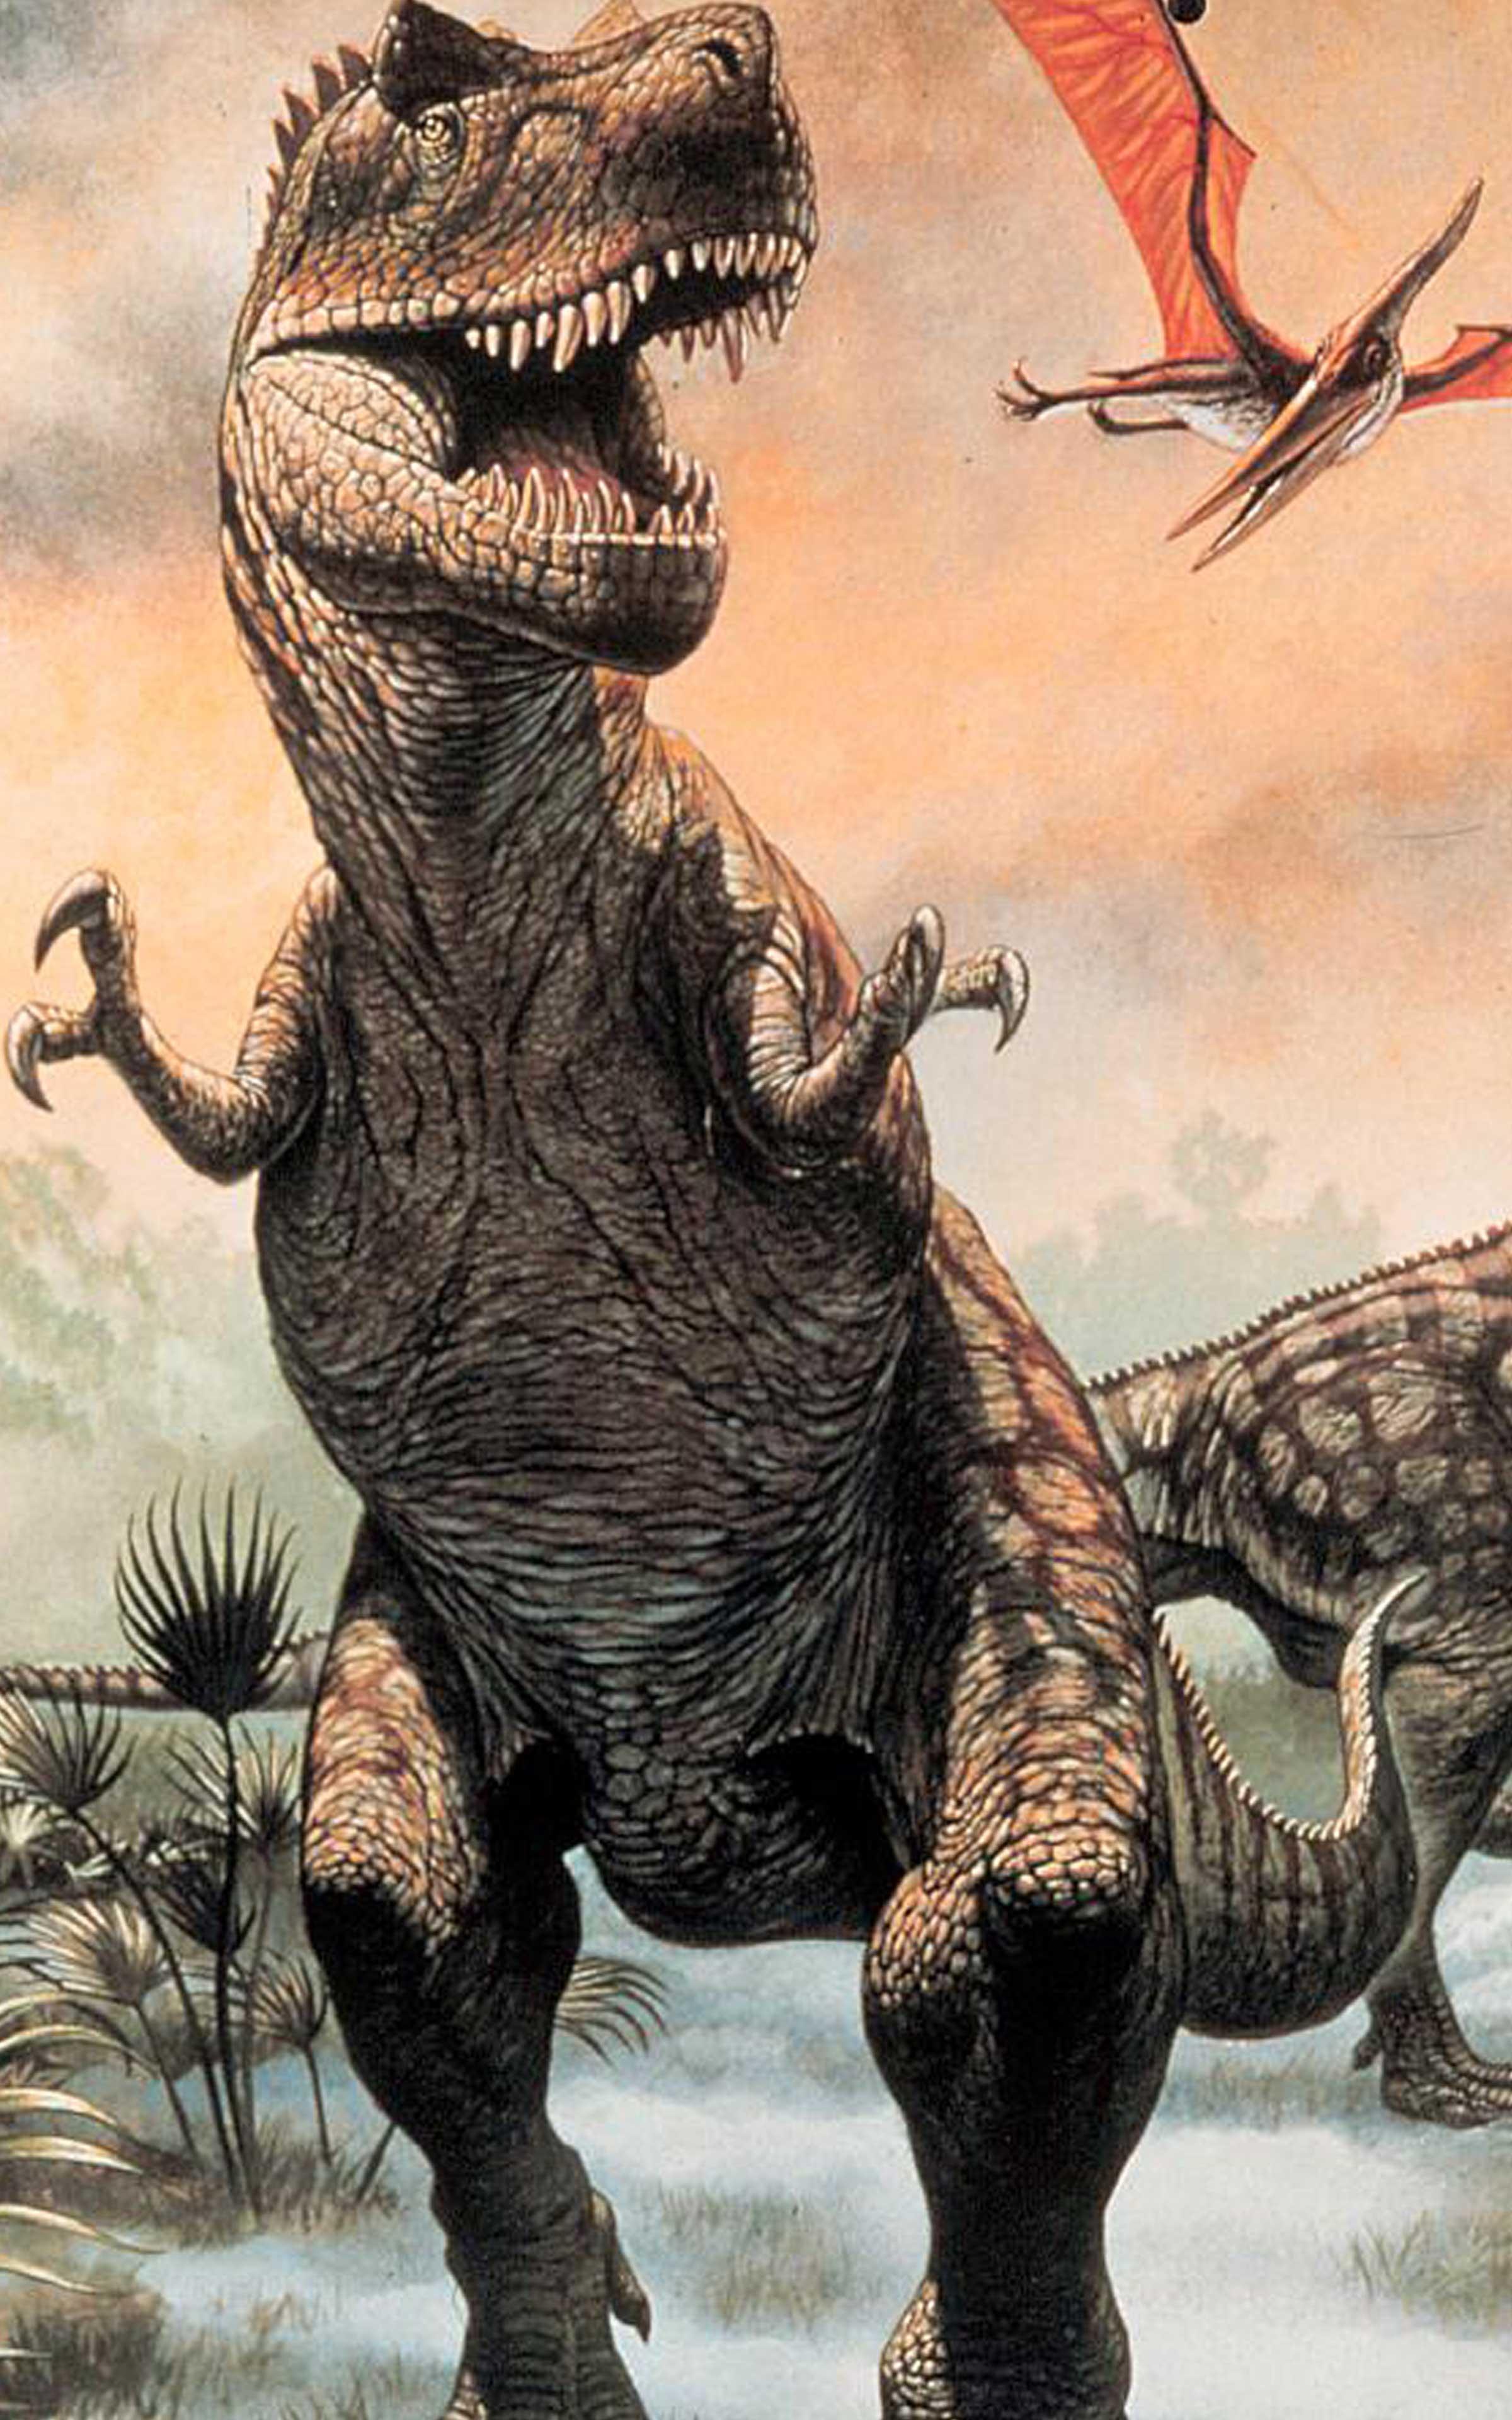 Fondos De Pantalla De Dinosaurios Fondosmil Los sorprendentes animales que se han extinguido desde hace mucho tiempo están ahora al alcance de su mano con la ayuda de la última dinosaurio vivo fondos de. fondos de pantalla de dinosaurios